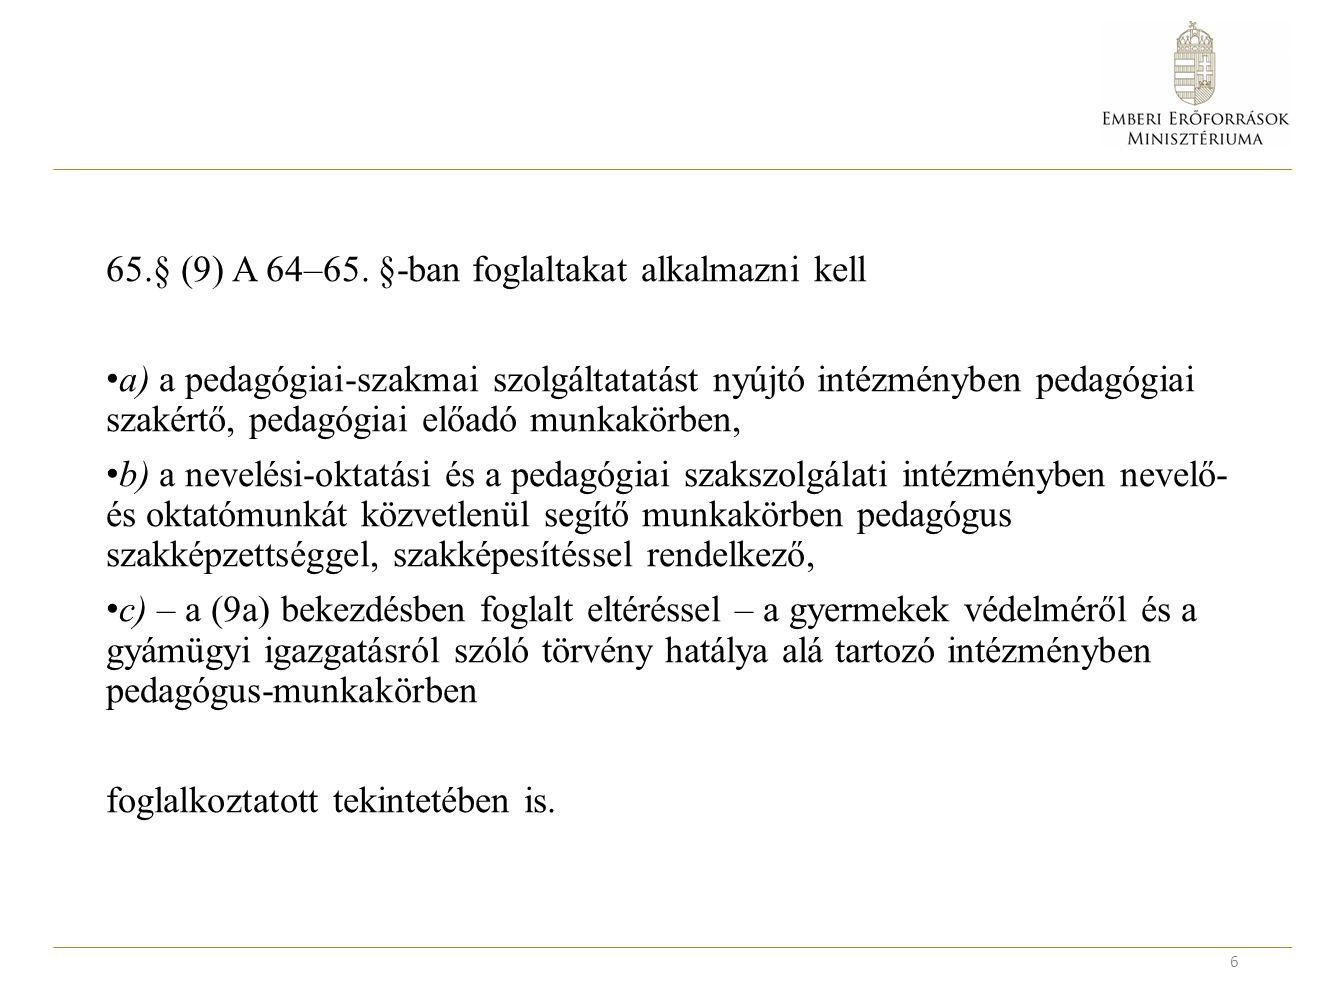 Egyéb: -58 tankerületi központ -Klebelsberg Központ -Működtetői feladatok -Szakképzési centrumok -Intézkedések a szakemberhiány csökkentésére -Munkacsoport.